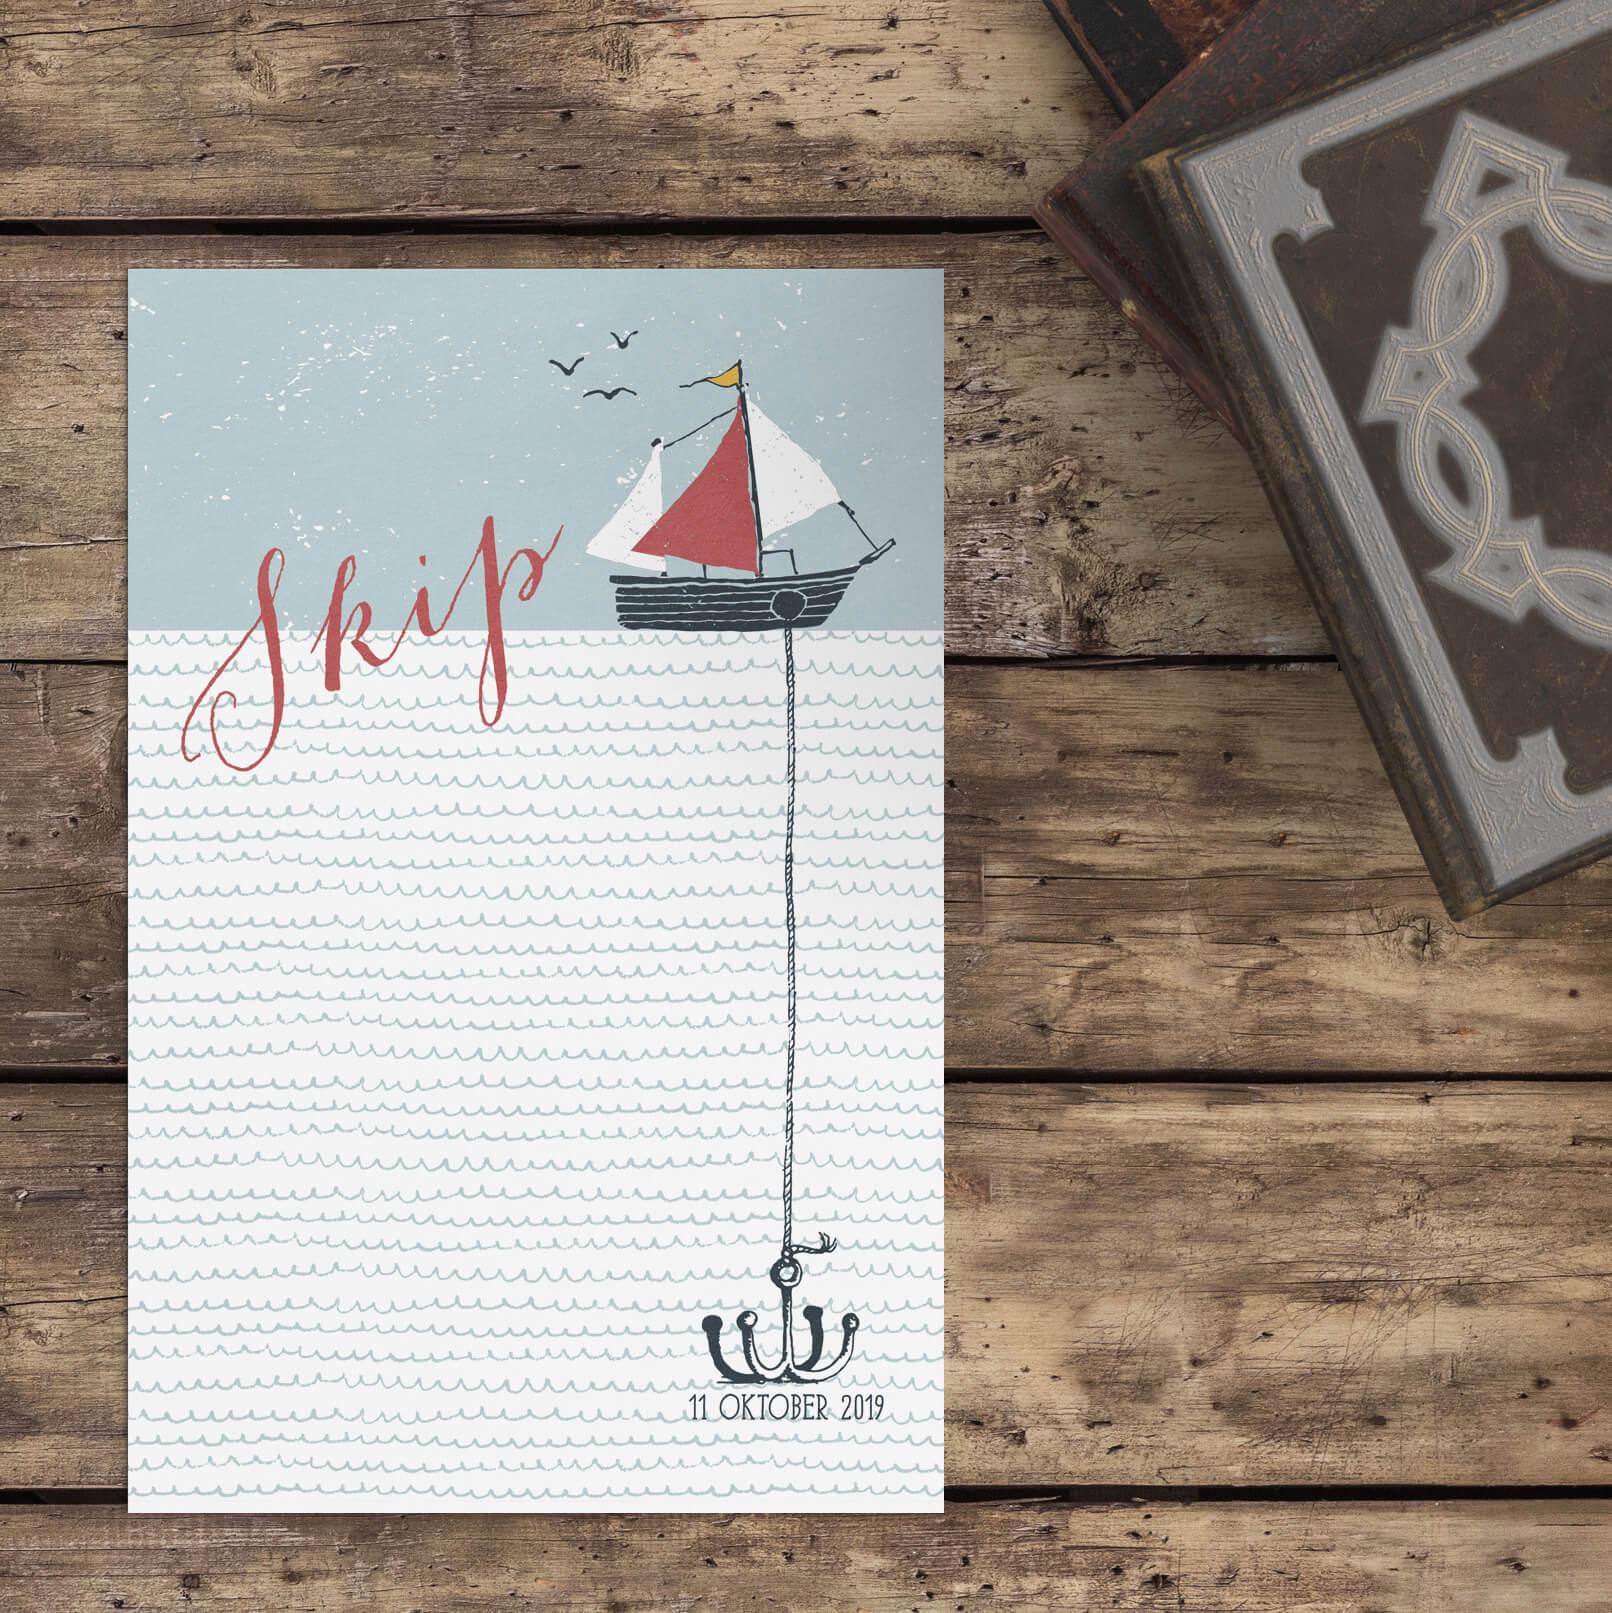 Prachtige, handgetekende illustraties van een bootje, hangend anker en de zeegolven zetten een bijzonder beeld neer op Geboortekaartje Bootje met Anker.